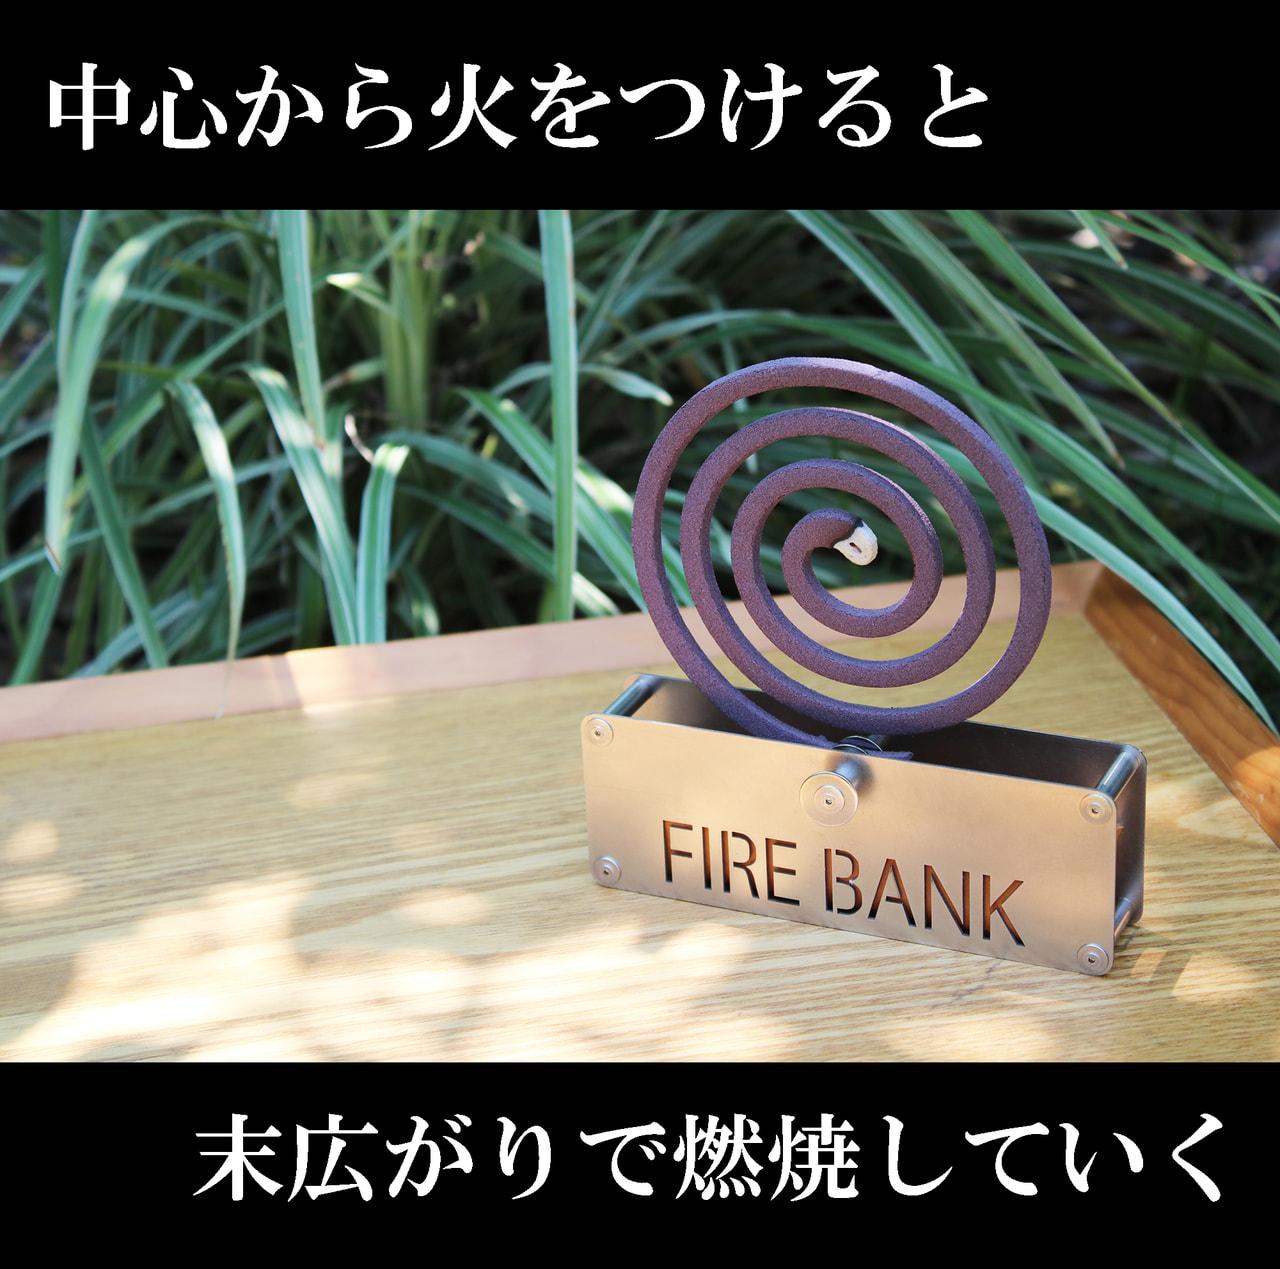 firebank_2